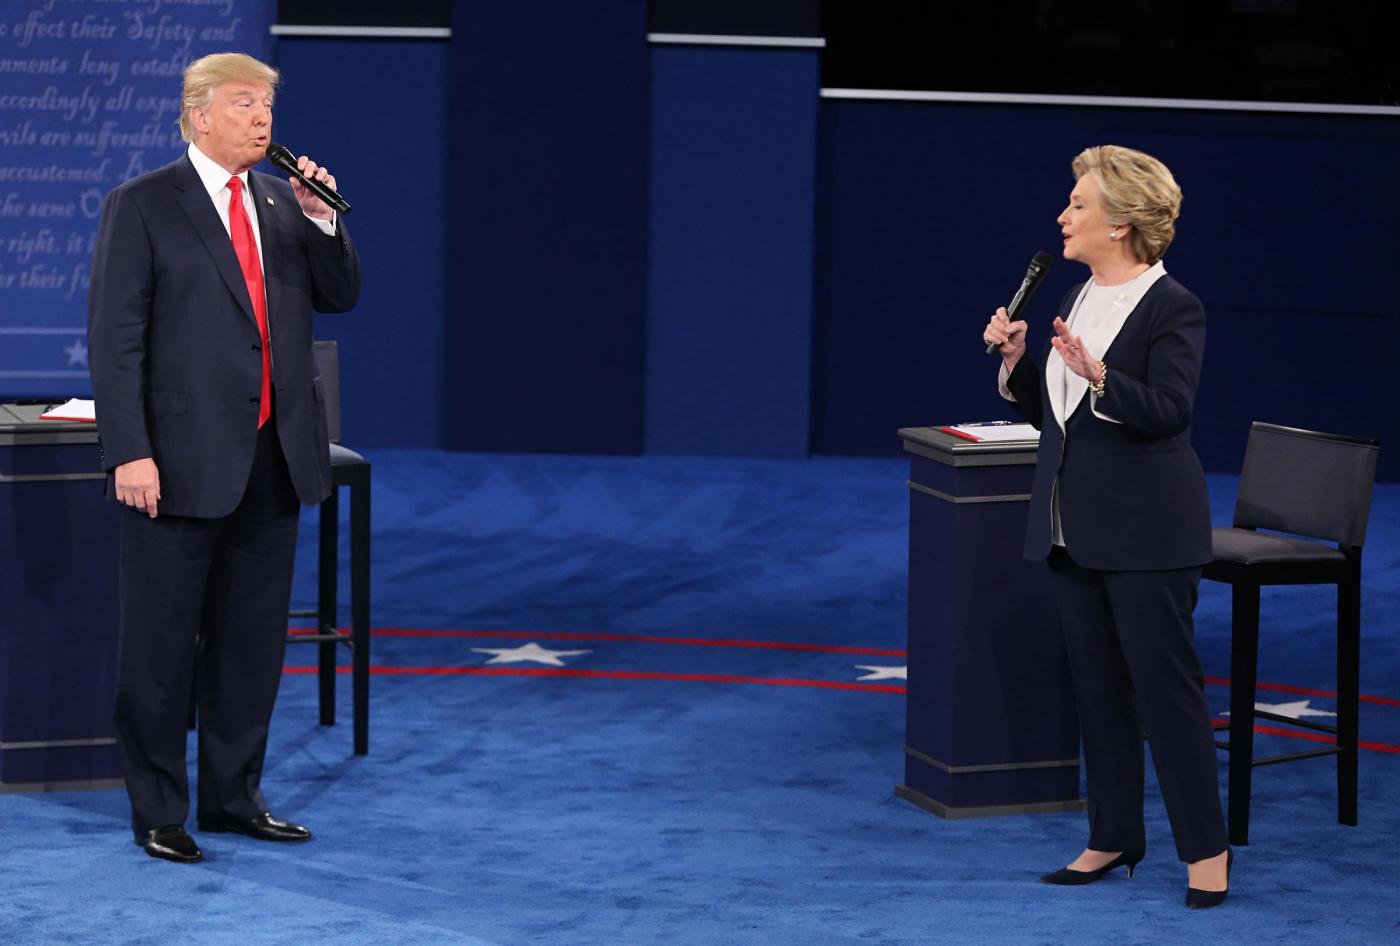 USA 2016, seconda sfida tv tra Clinton e Trump: altro punto per la democratica